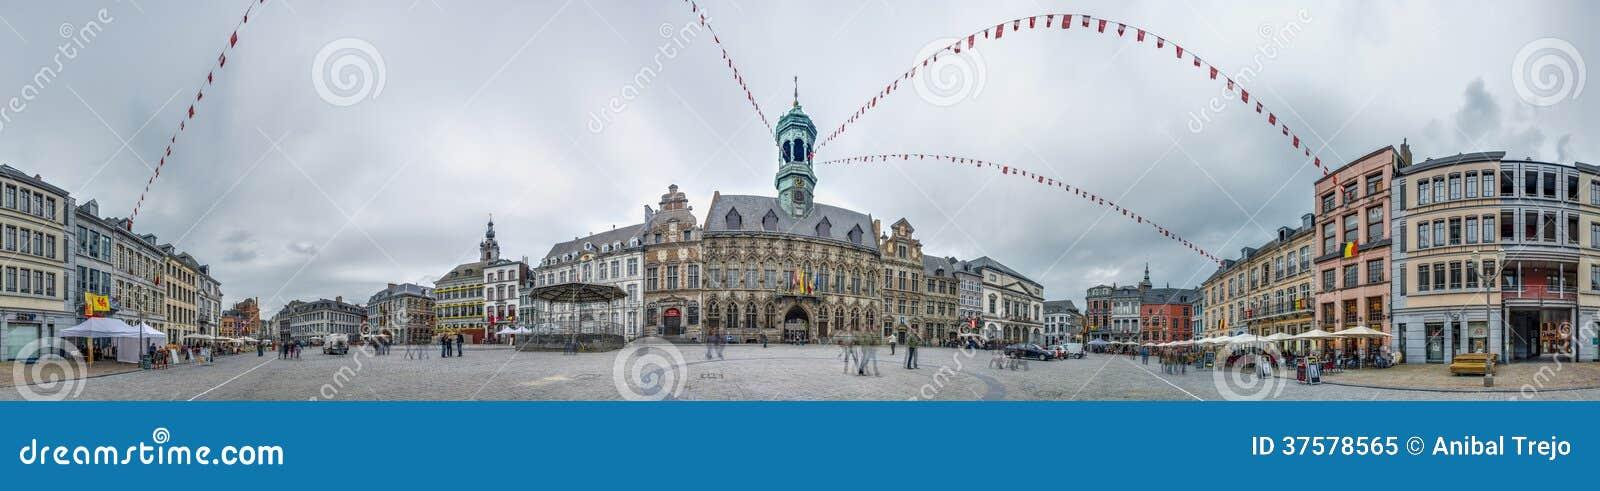 la place centrale et l 39 h tel de ville mons belgique image ditorial image 37578565. Black Bedroom Furniture Sets. Home Design Ideas